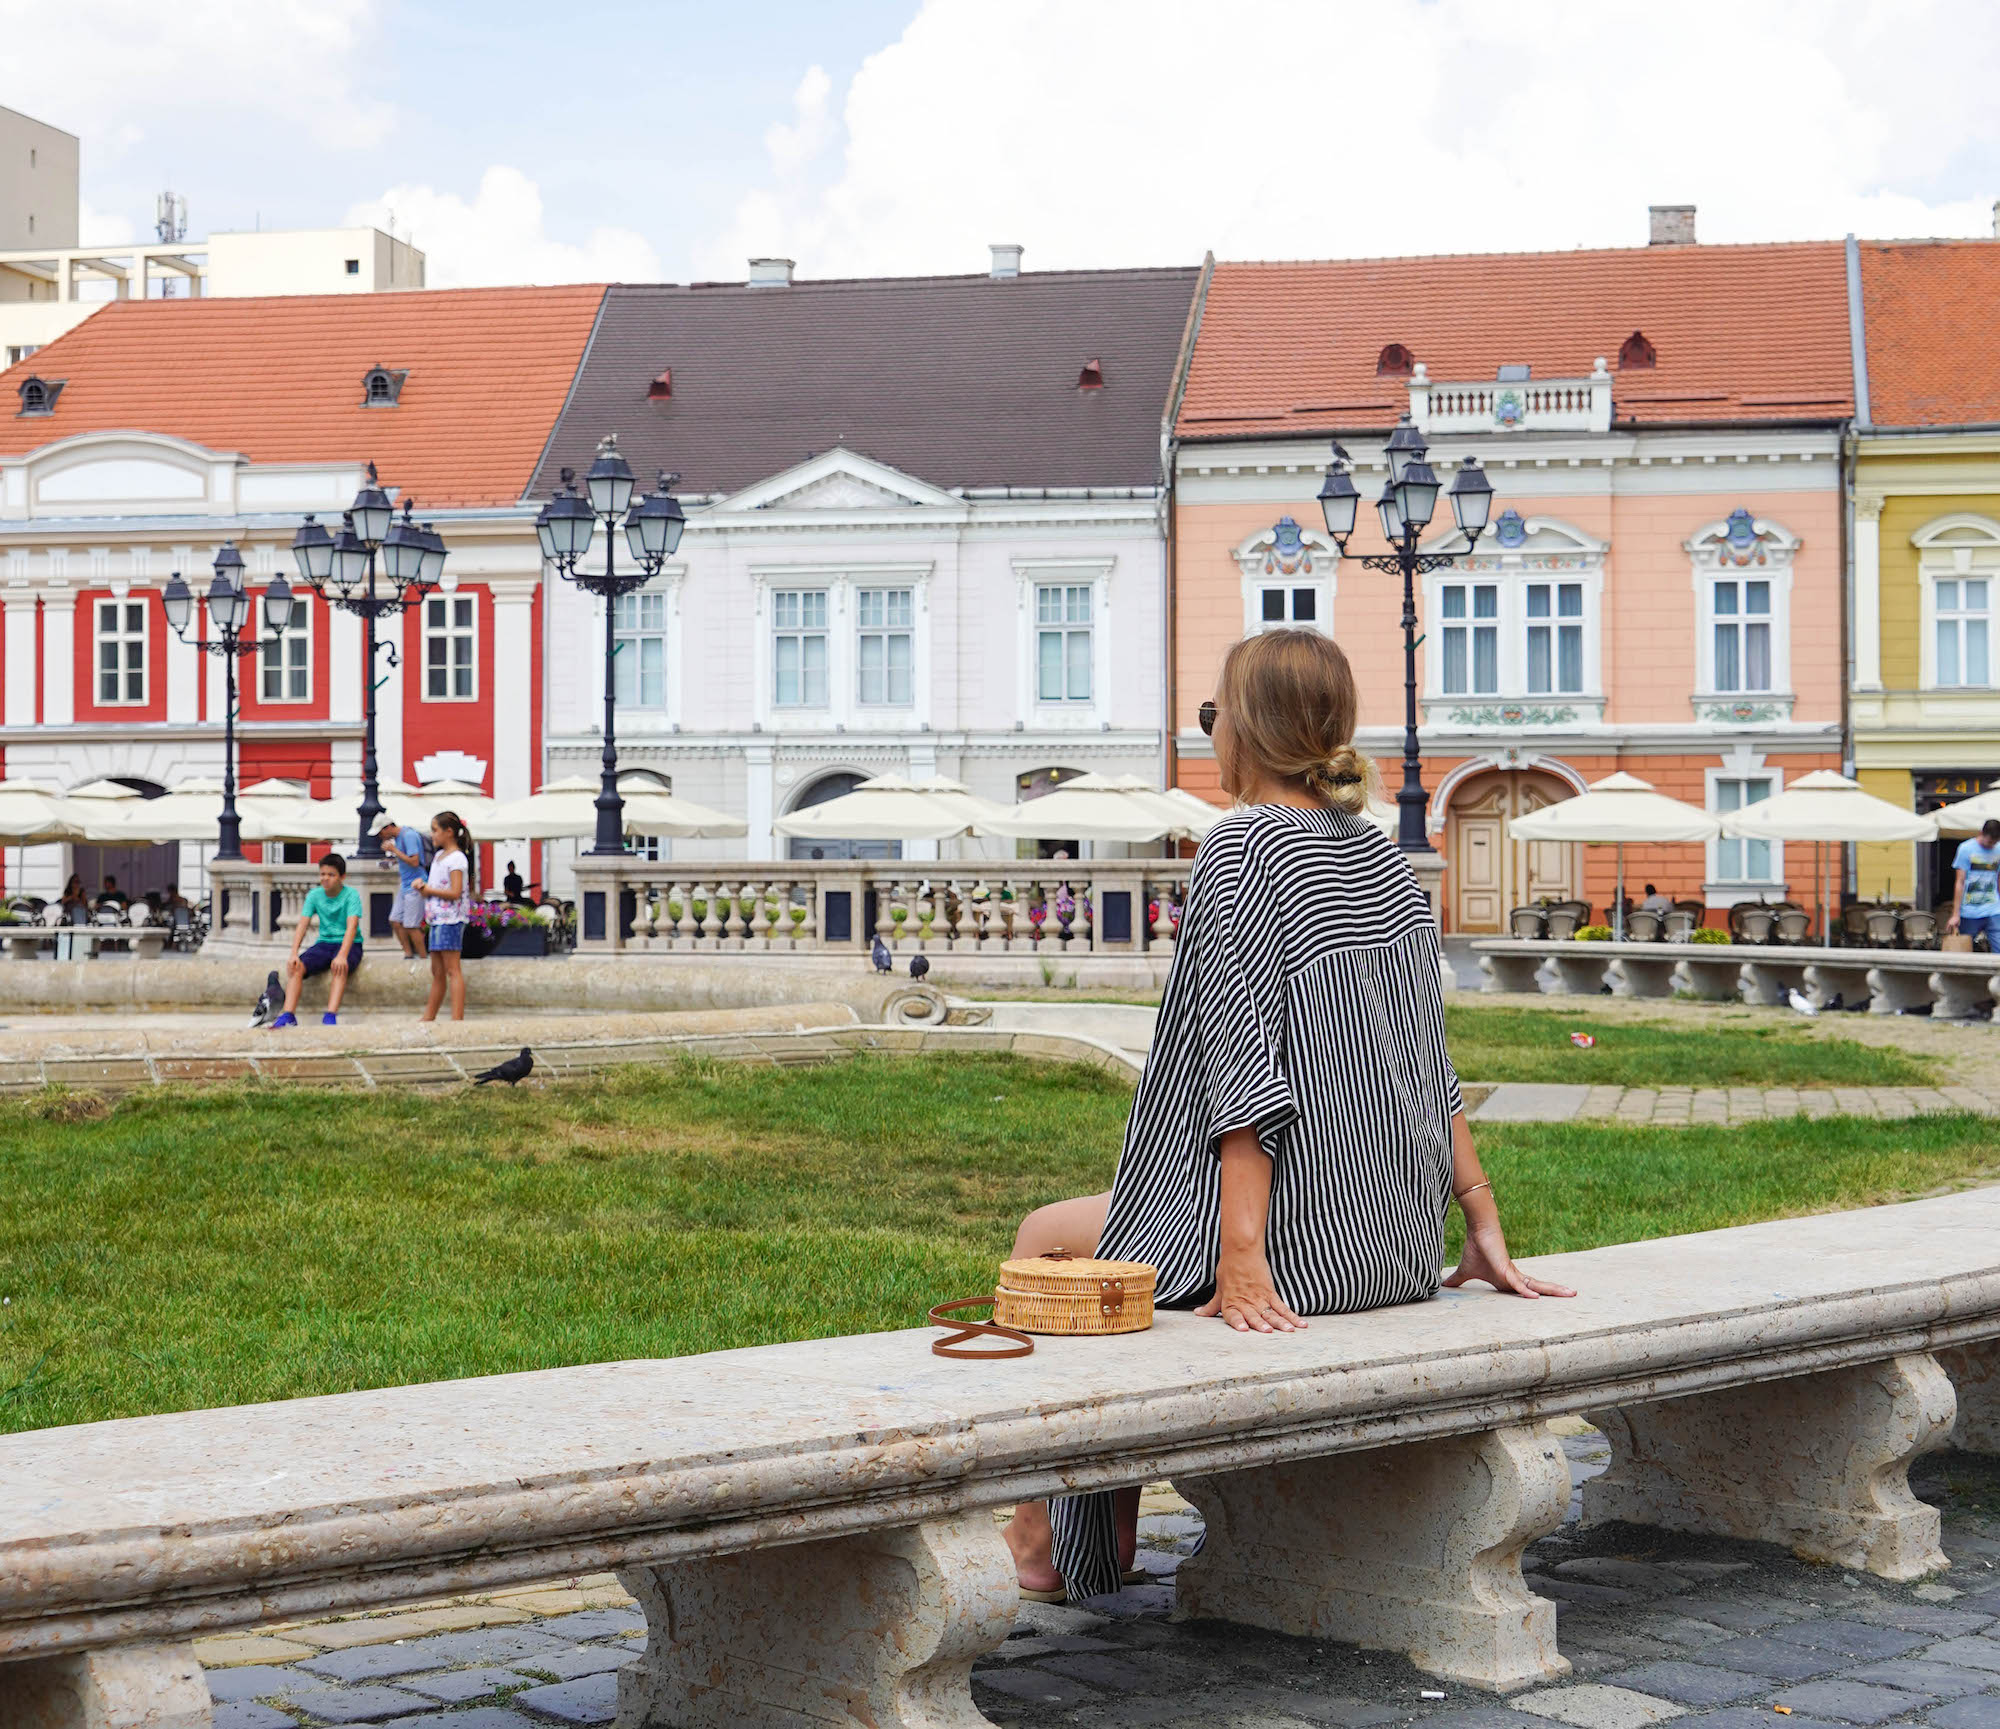 Union Square (Piata Unirii) Timisoara